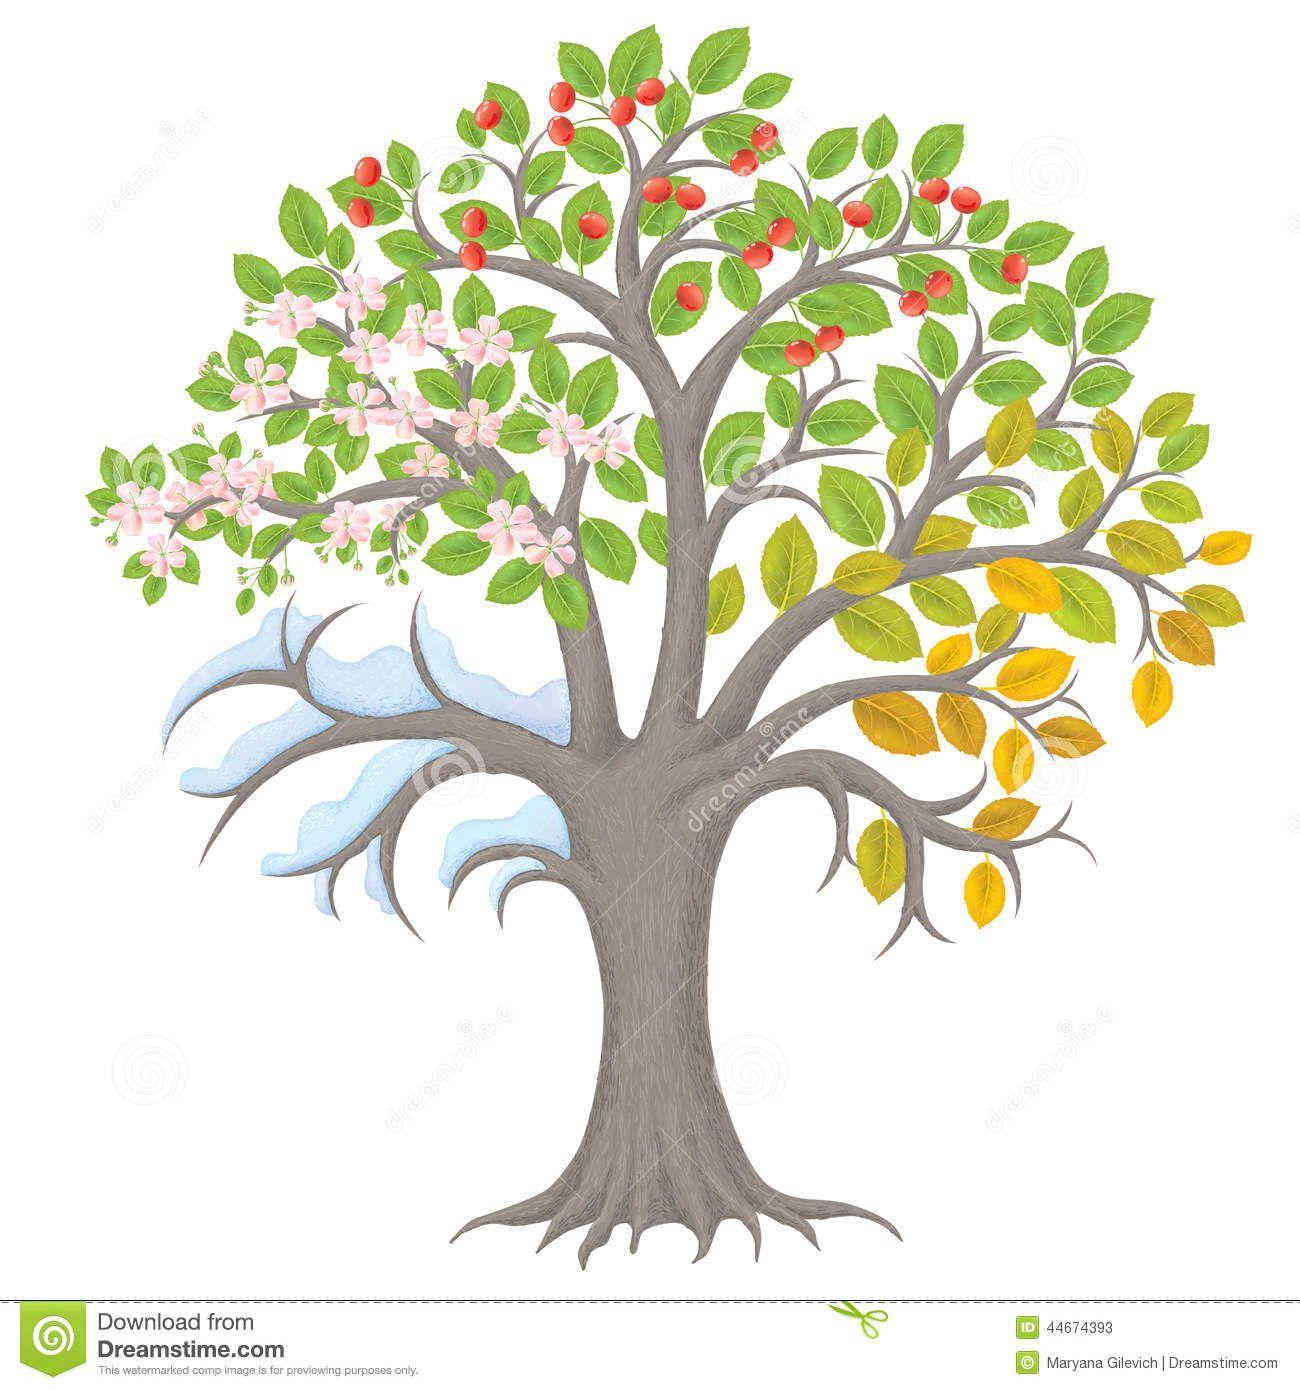 Vierjahreszeiten Baum Handwerk Mit Vorlage